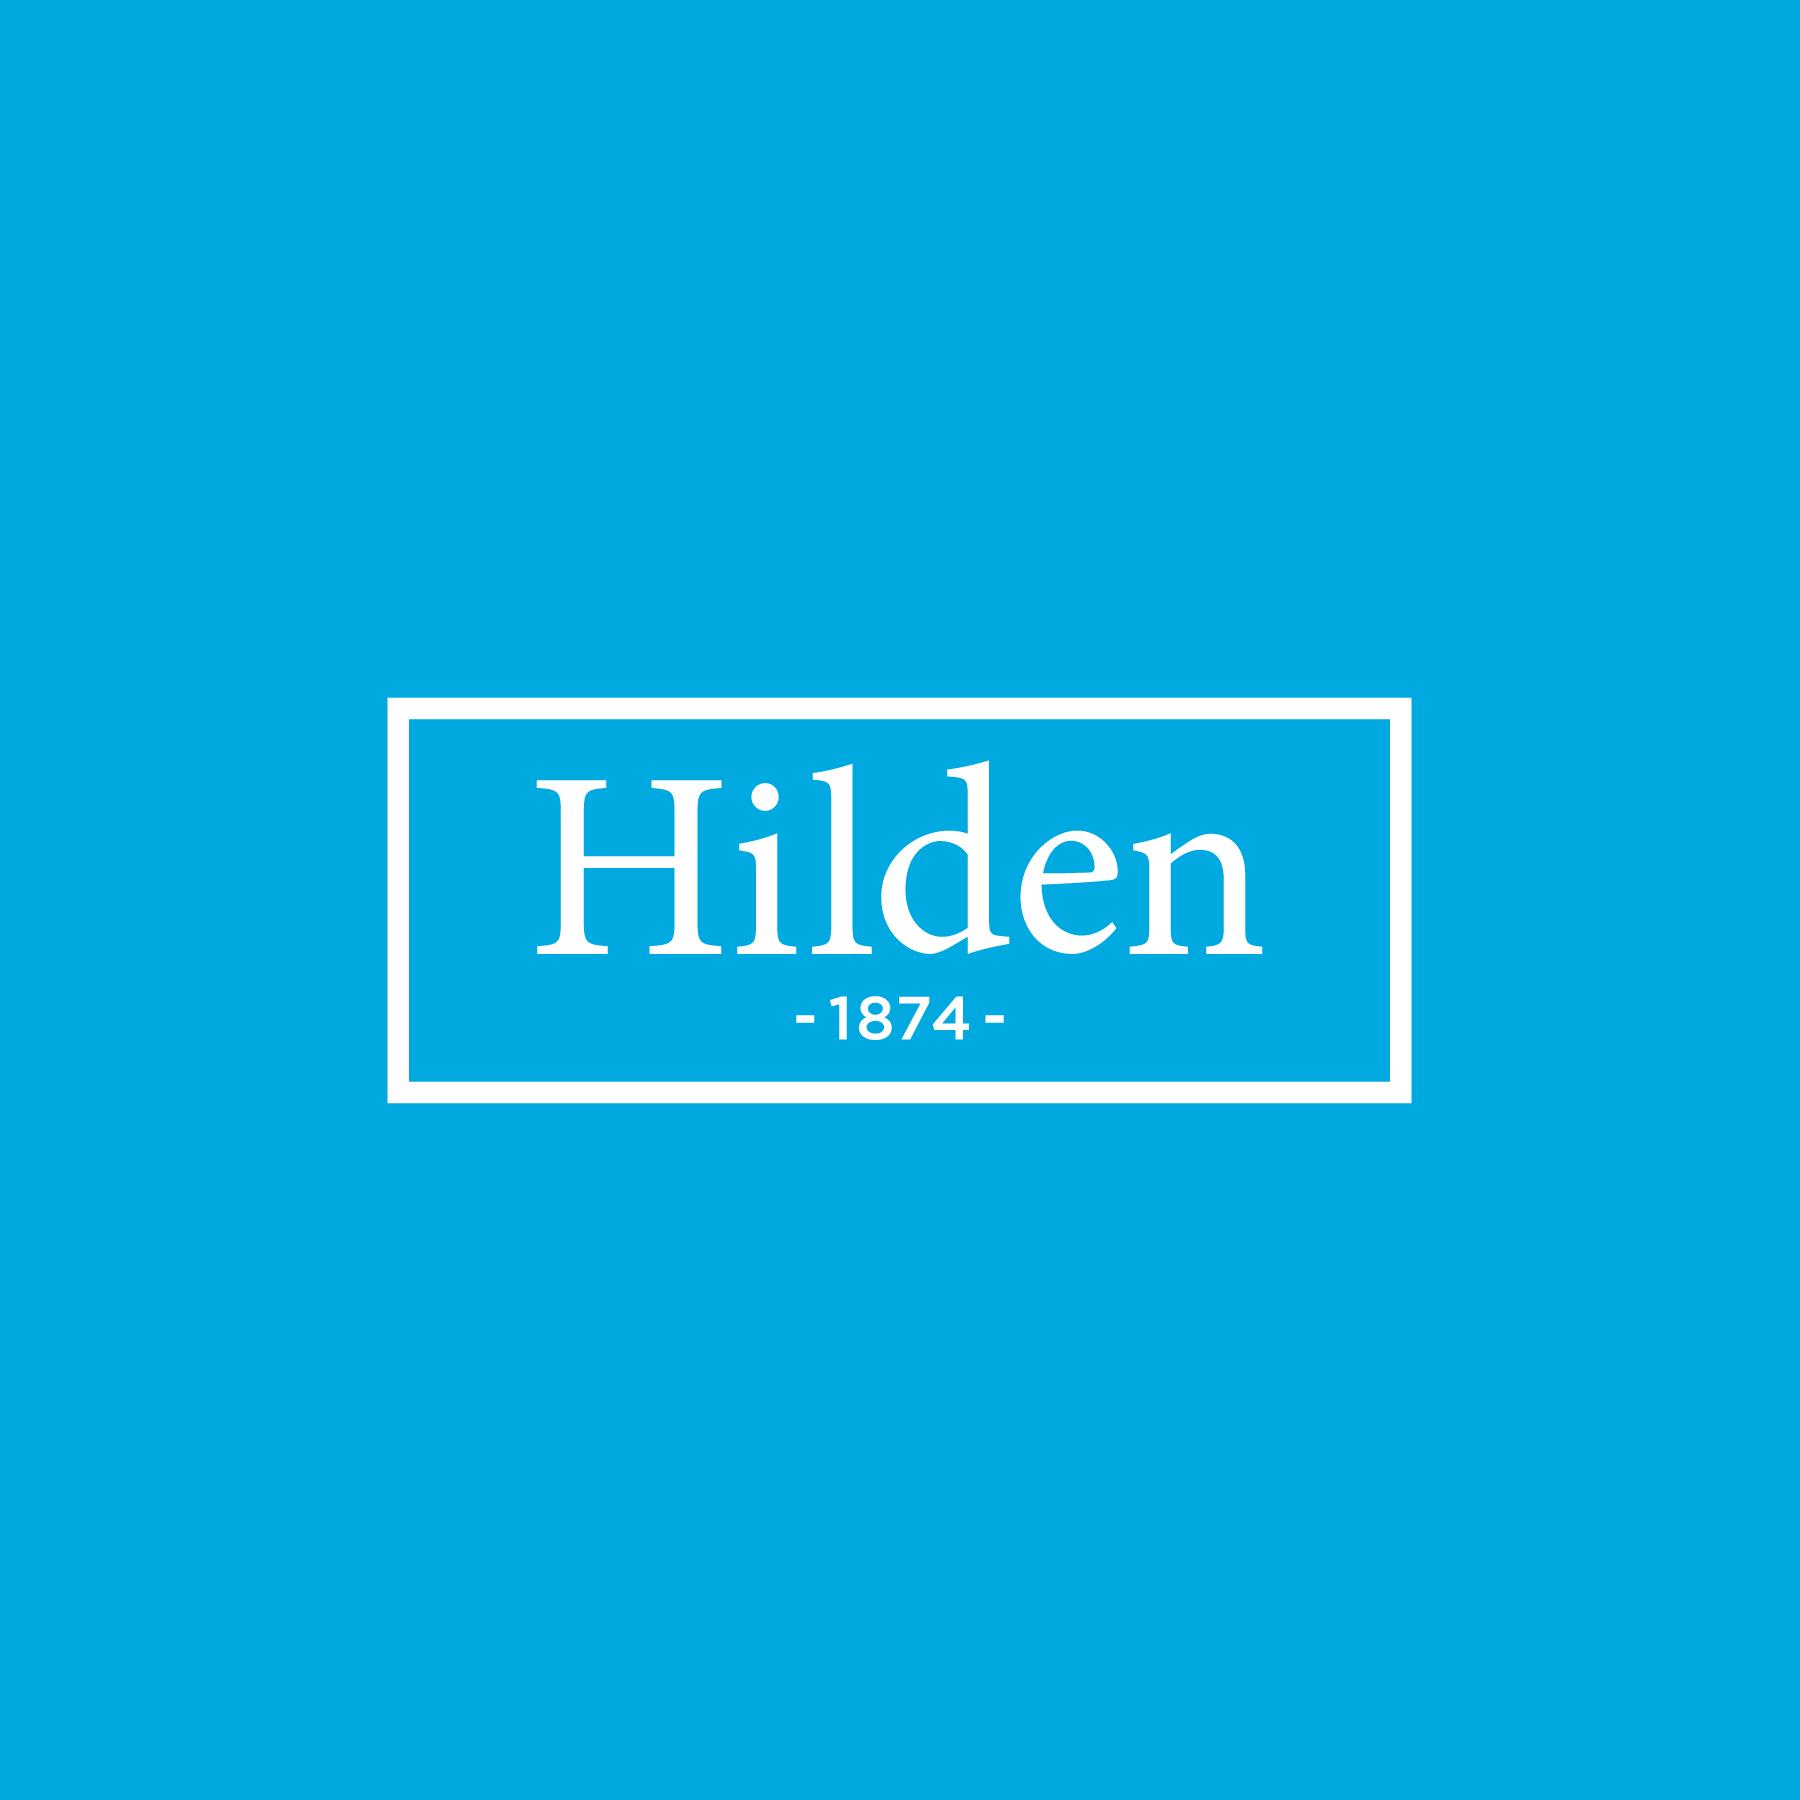 Hilden brand logo